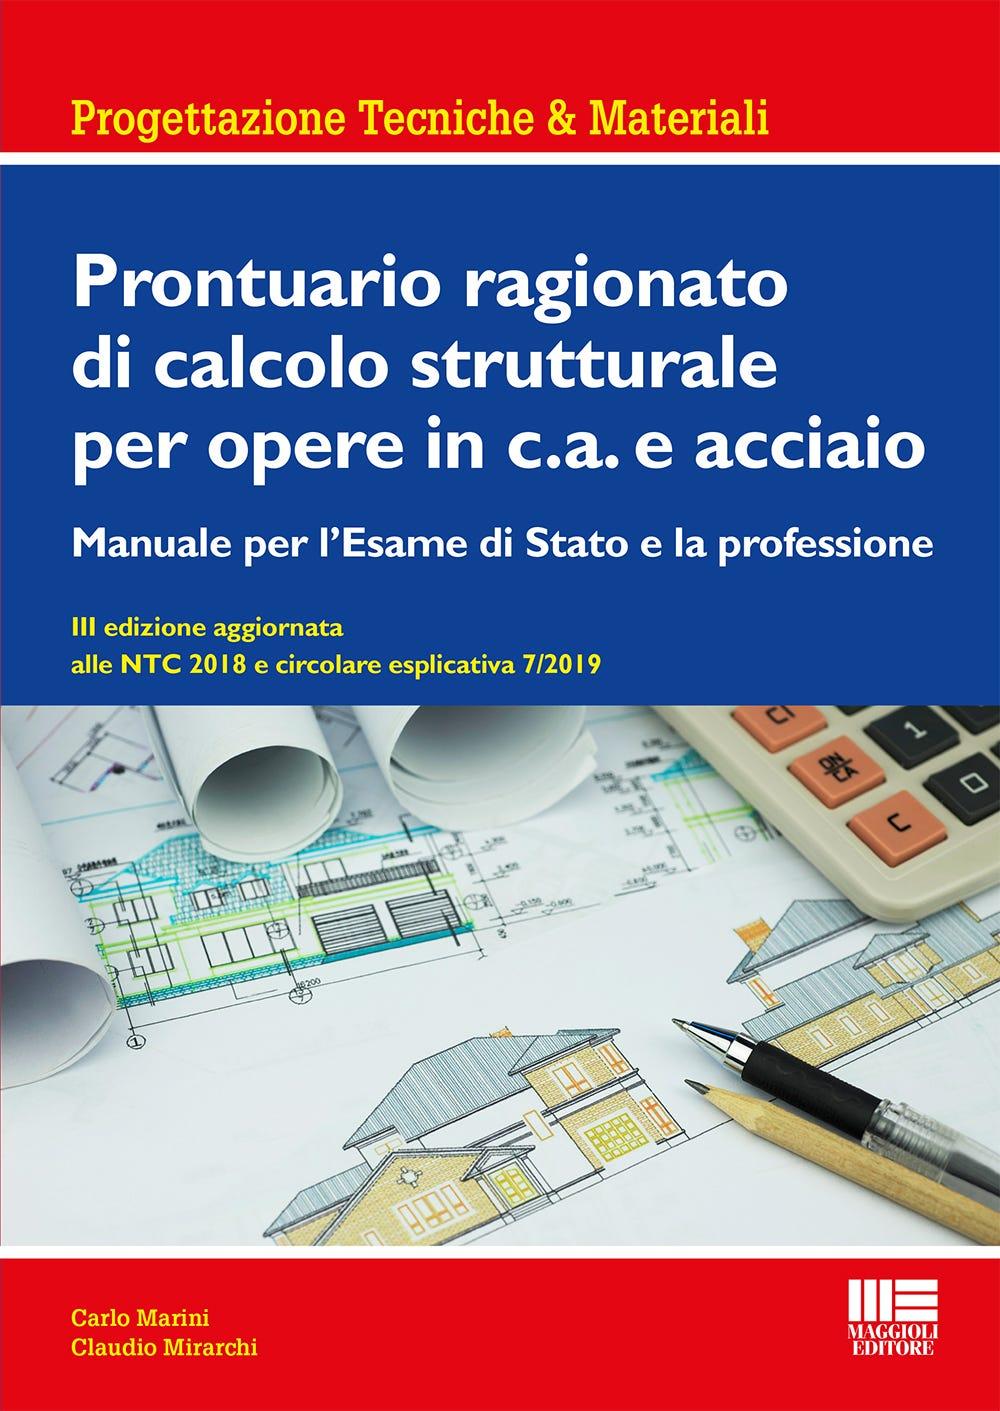 Prontuario ragionato di calcolo strutturale per opere in c.a. e acciaio